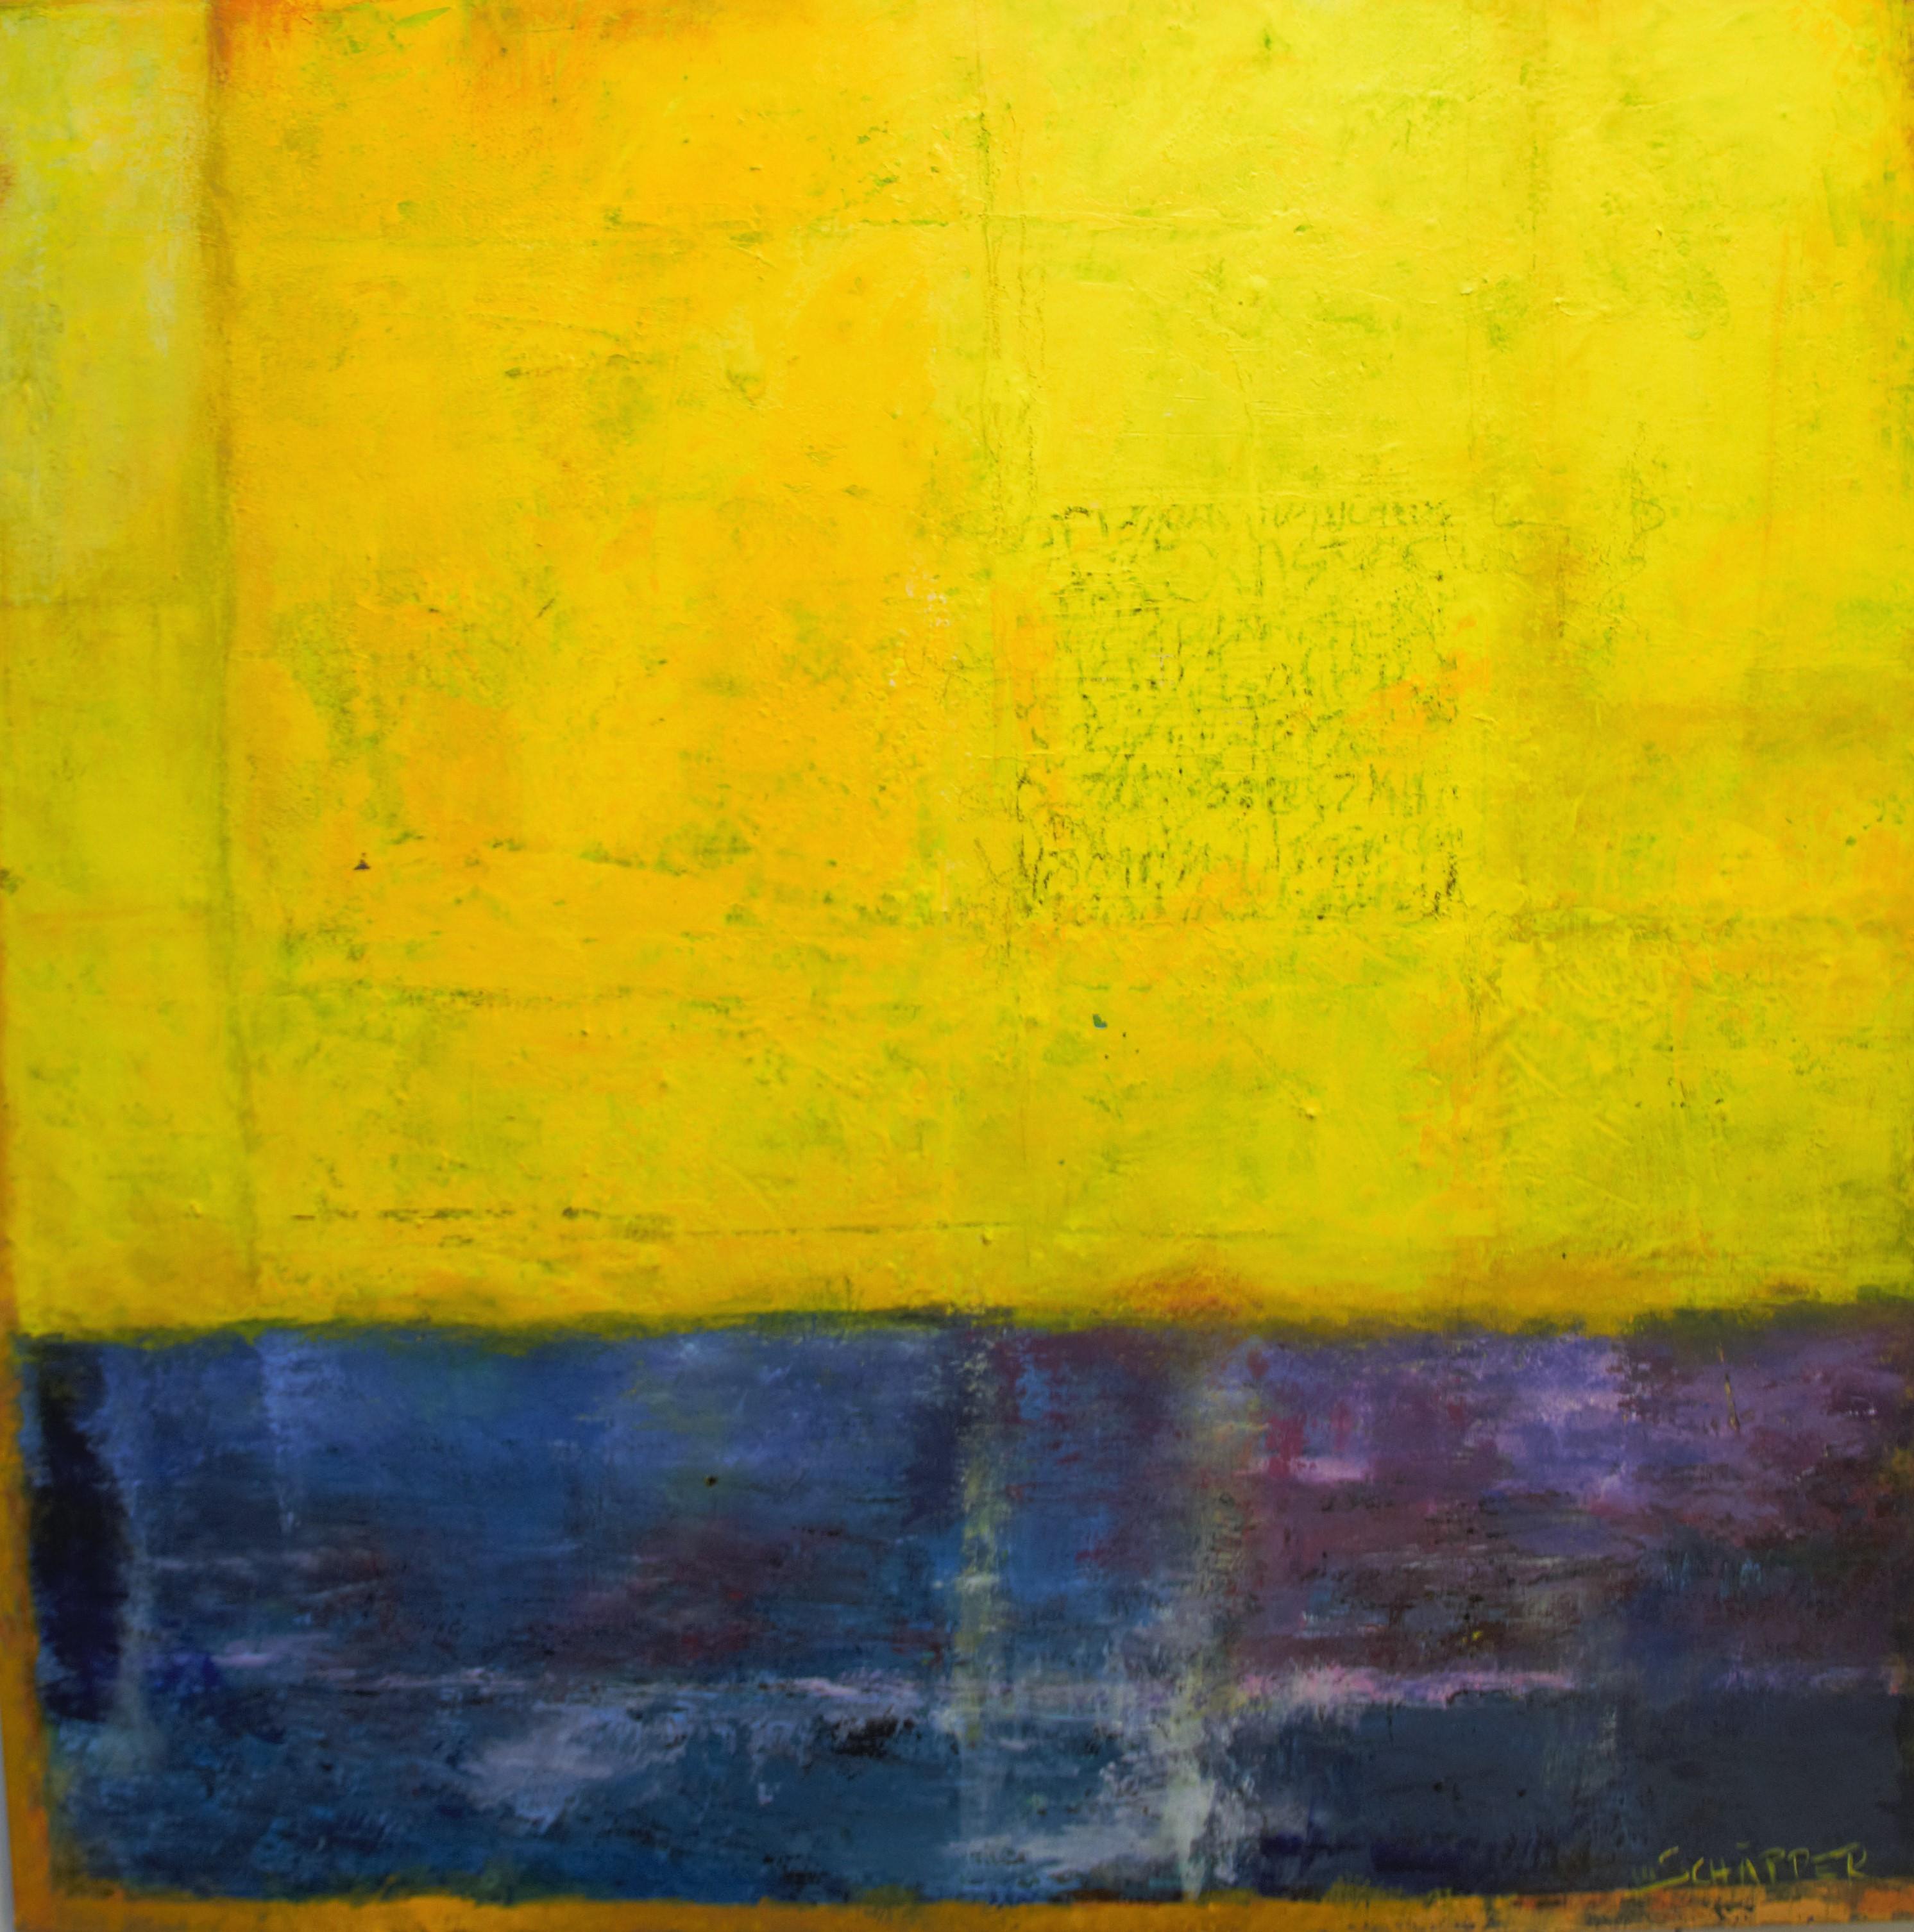 Charity - frei nach Rothko